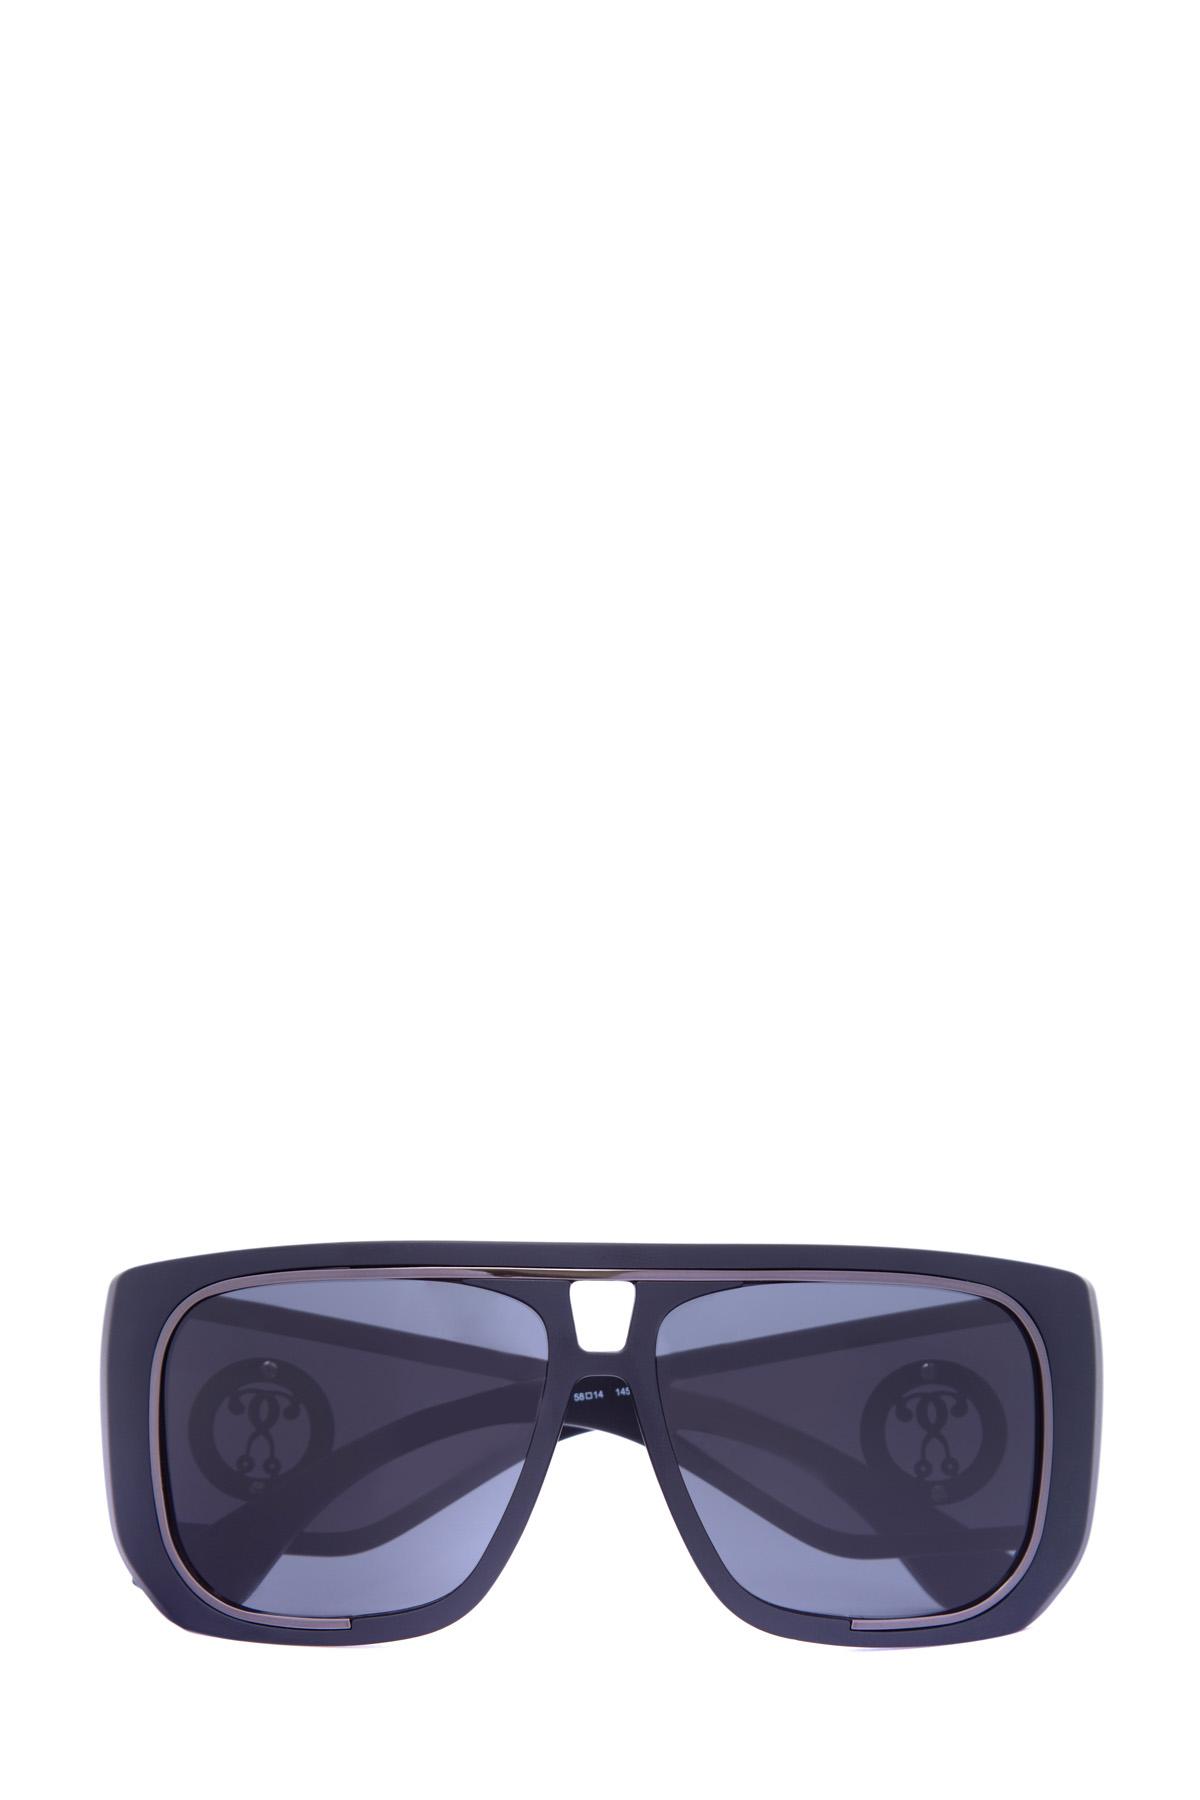 Очки с пластиковой оправой-маской и солнцезащитными шторками по бокам фото